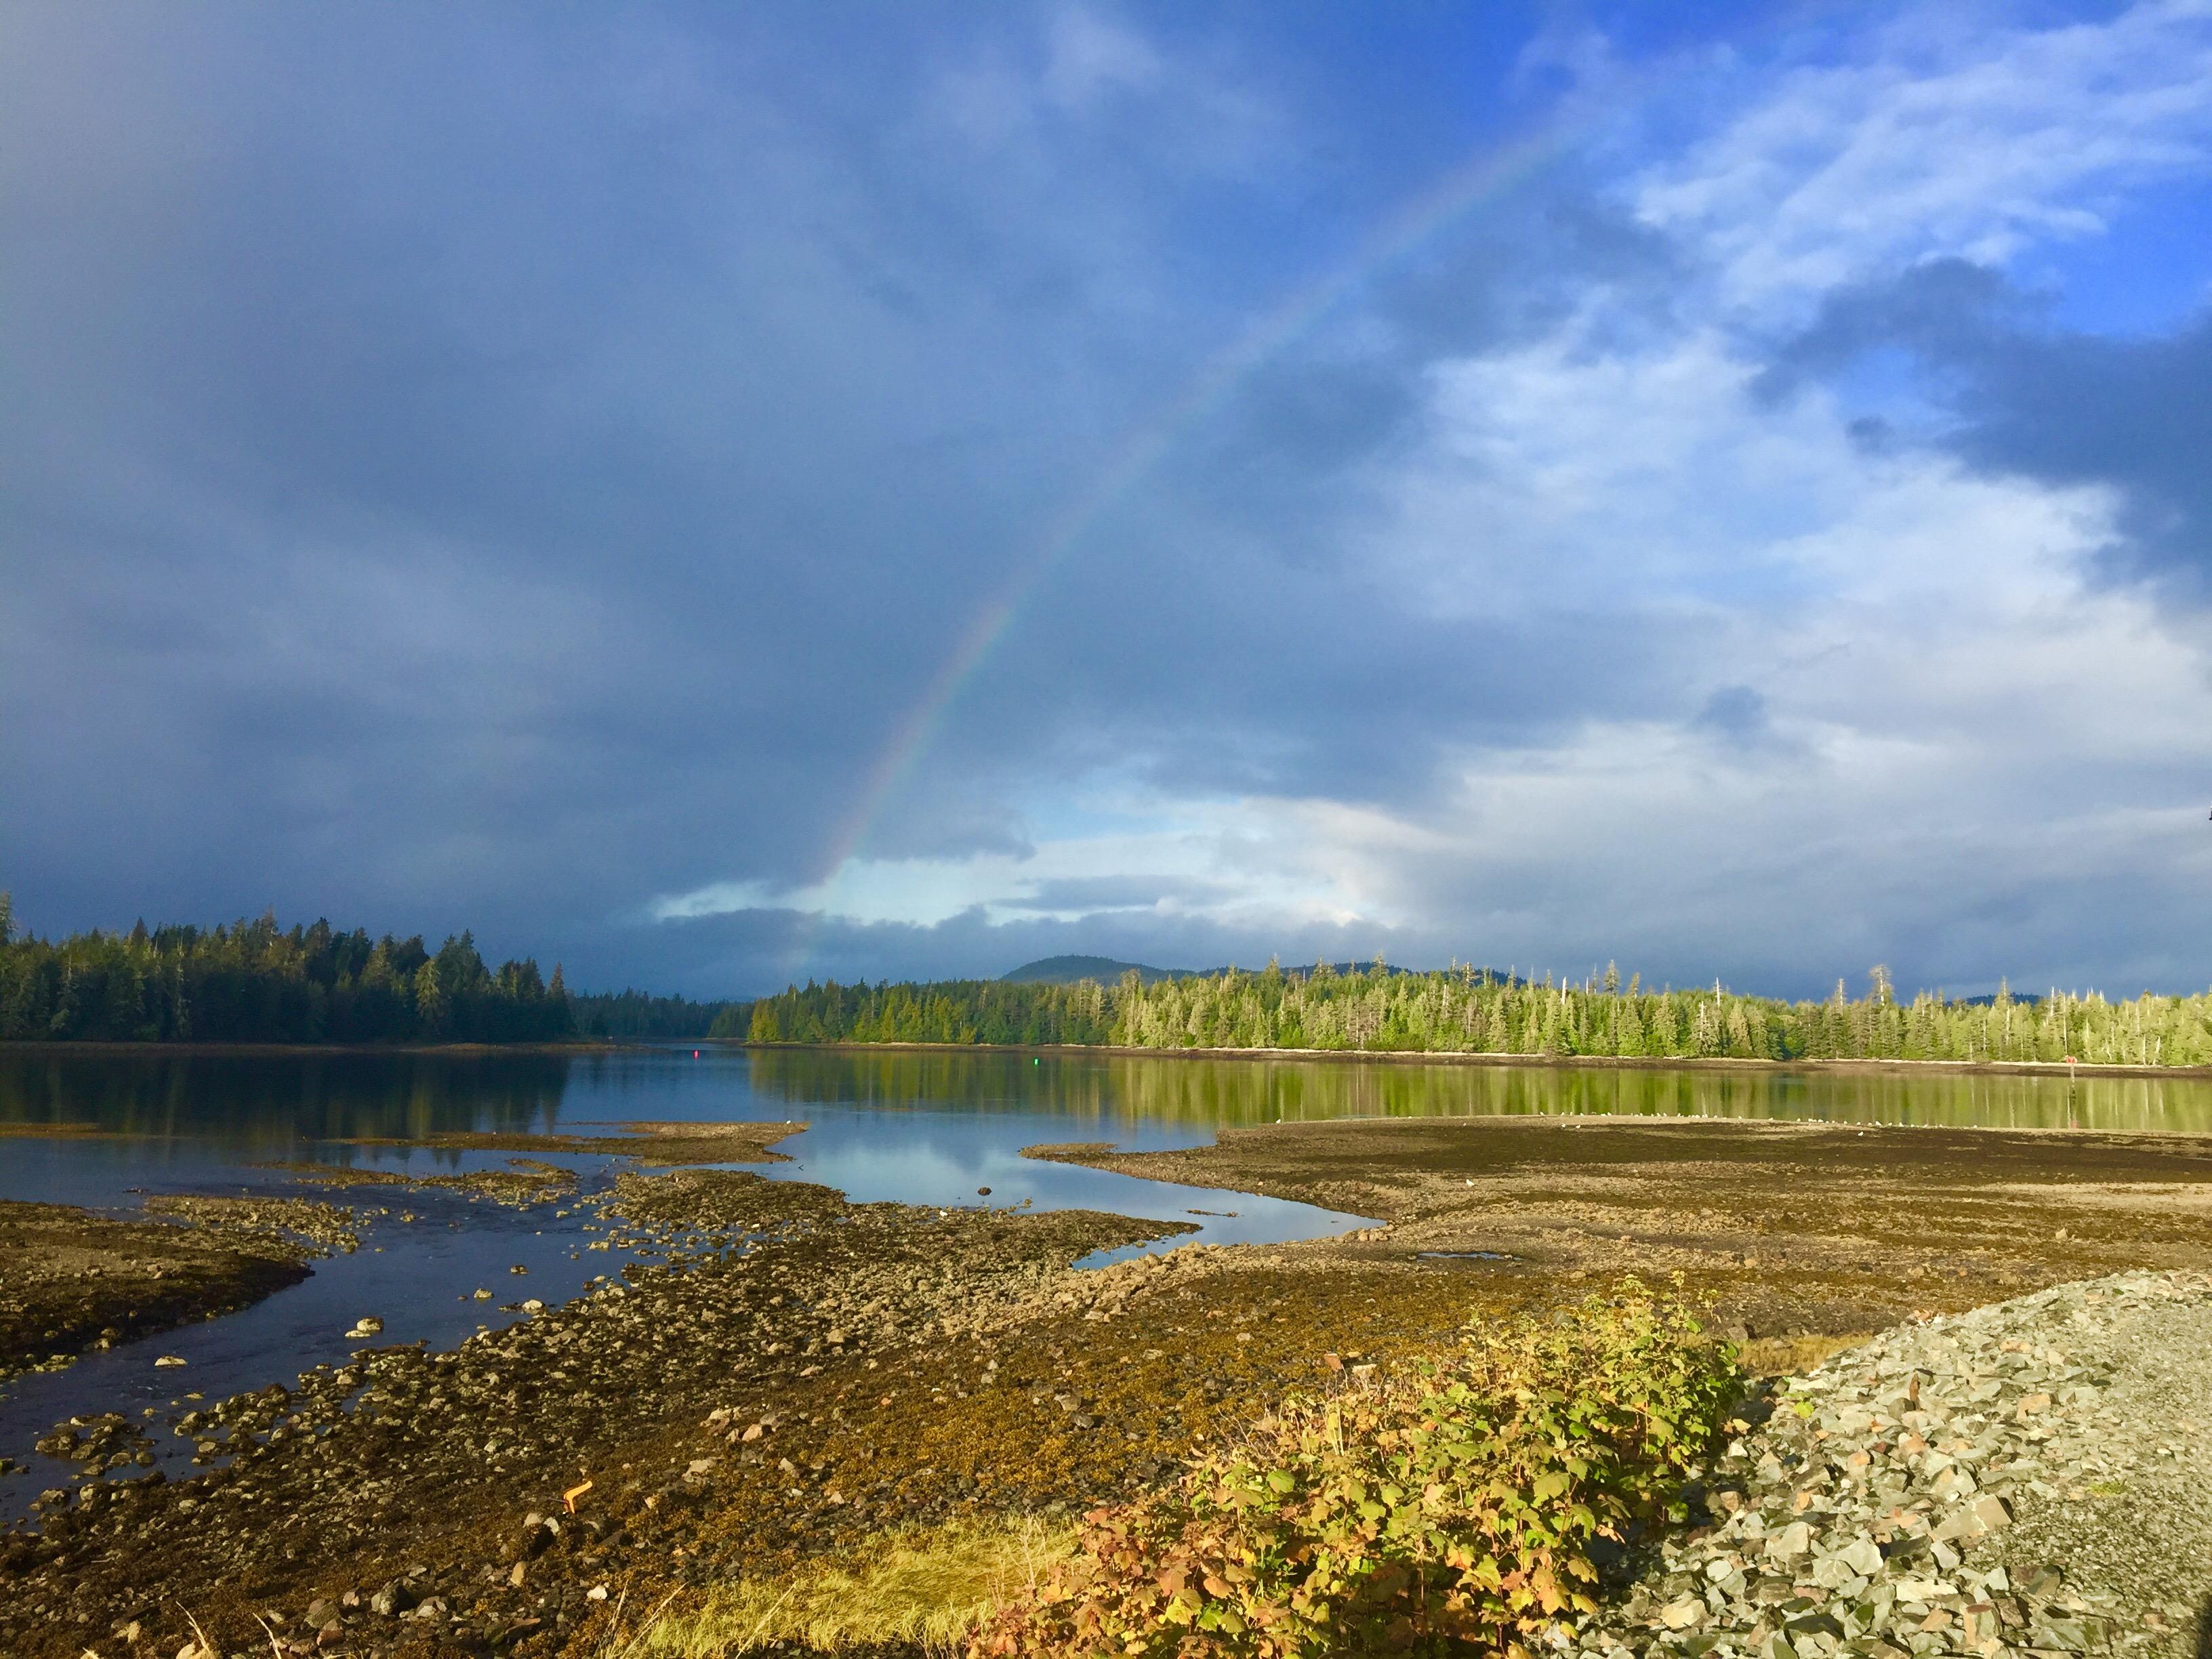 Фото радуги в небе над лесом, Аляска